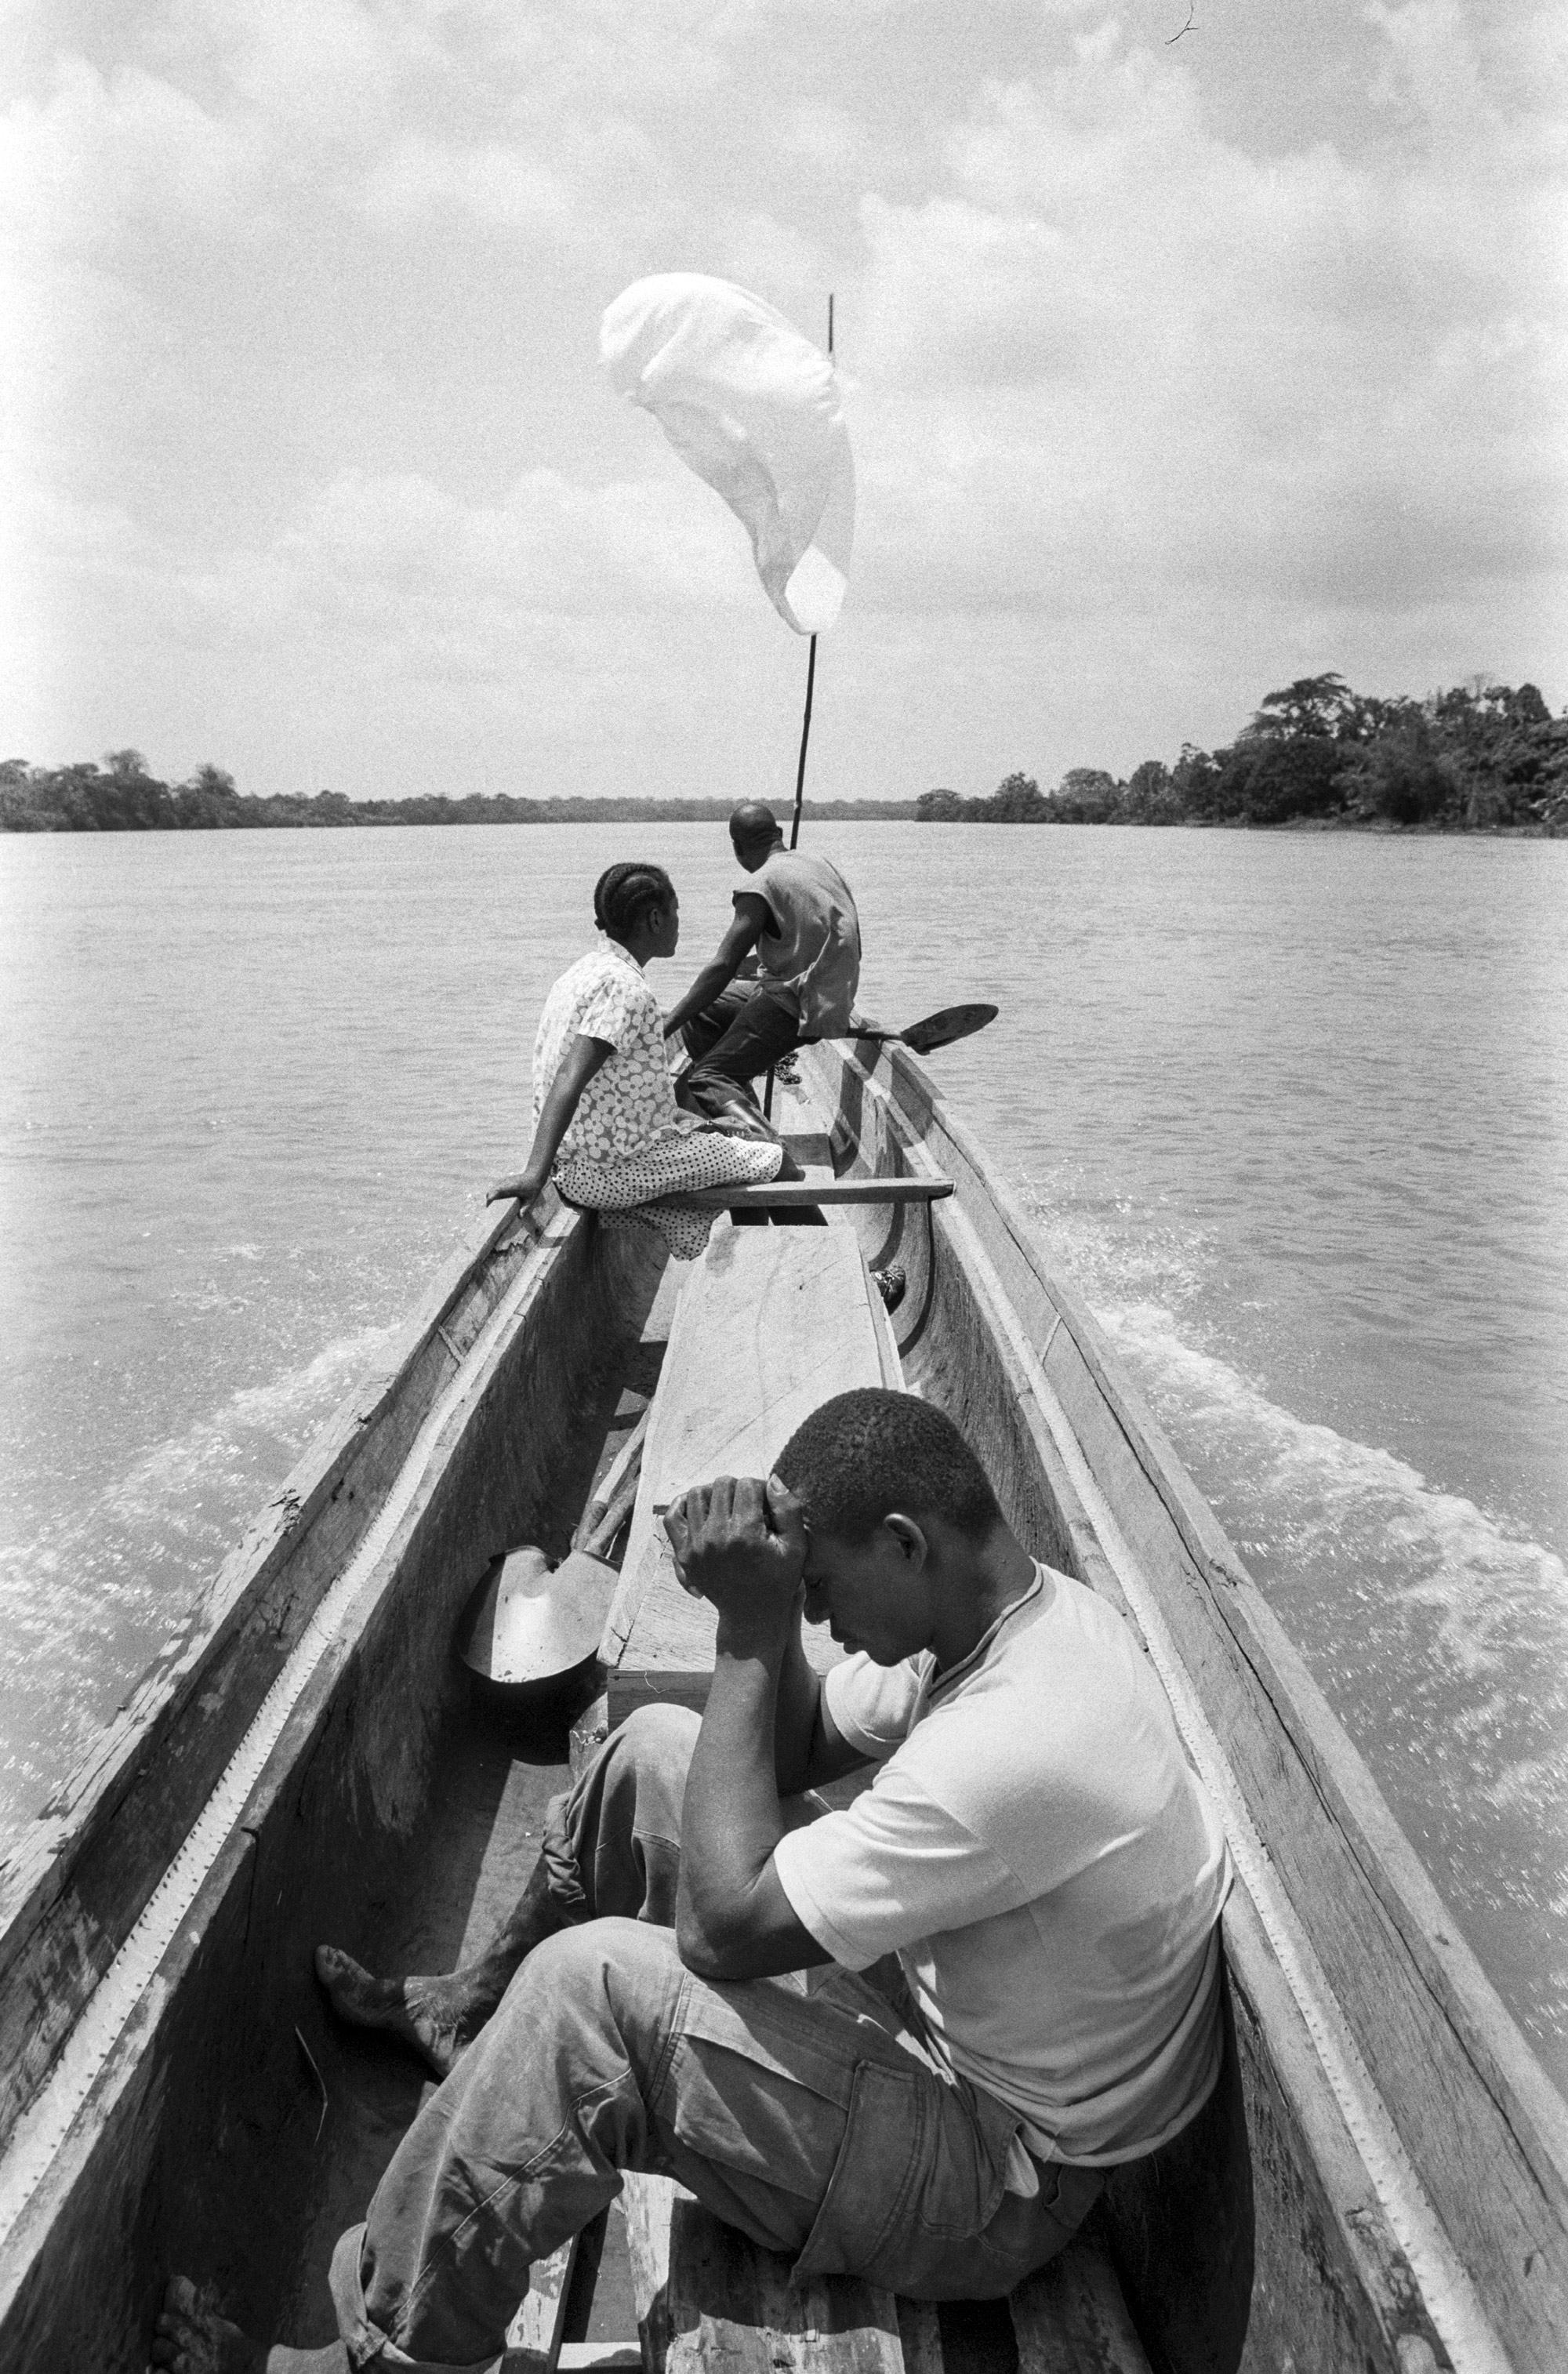 Aniceto, Ubertina y Clirio en el Río Atrato, 2002